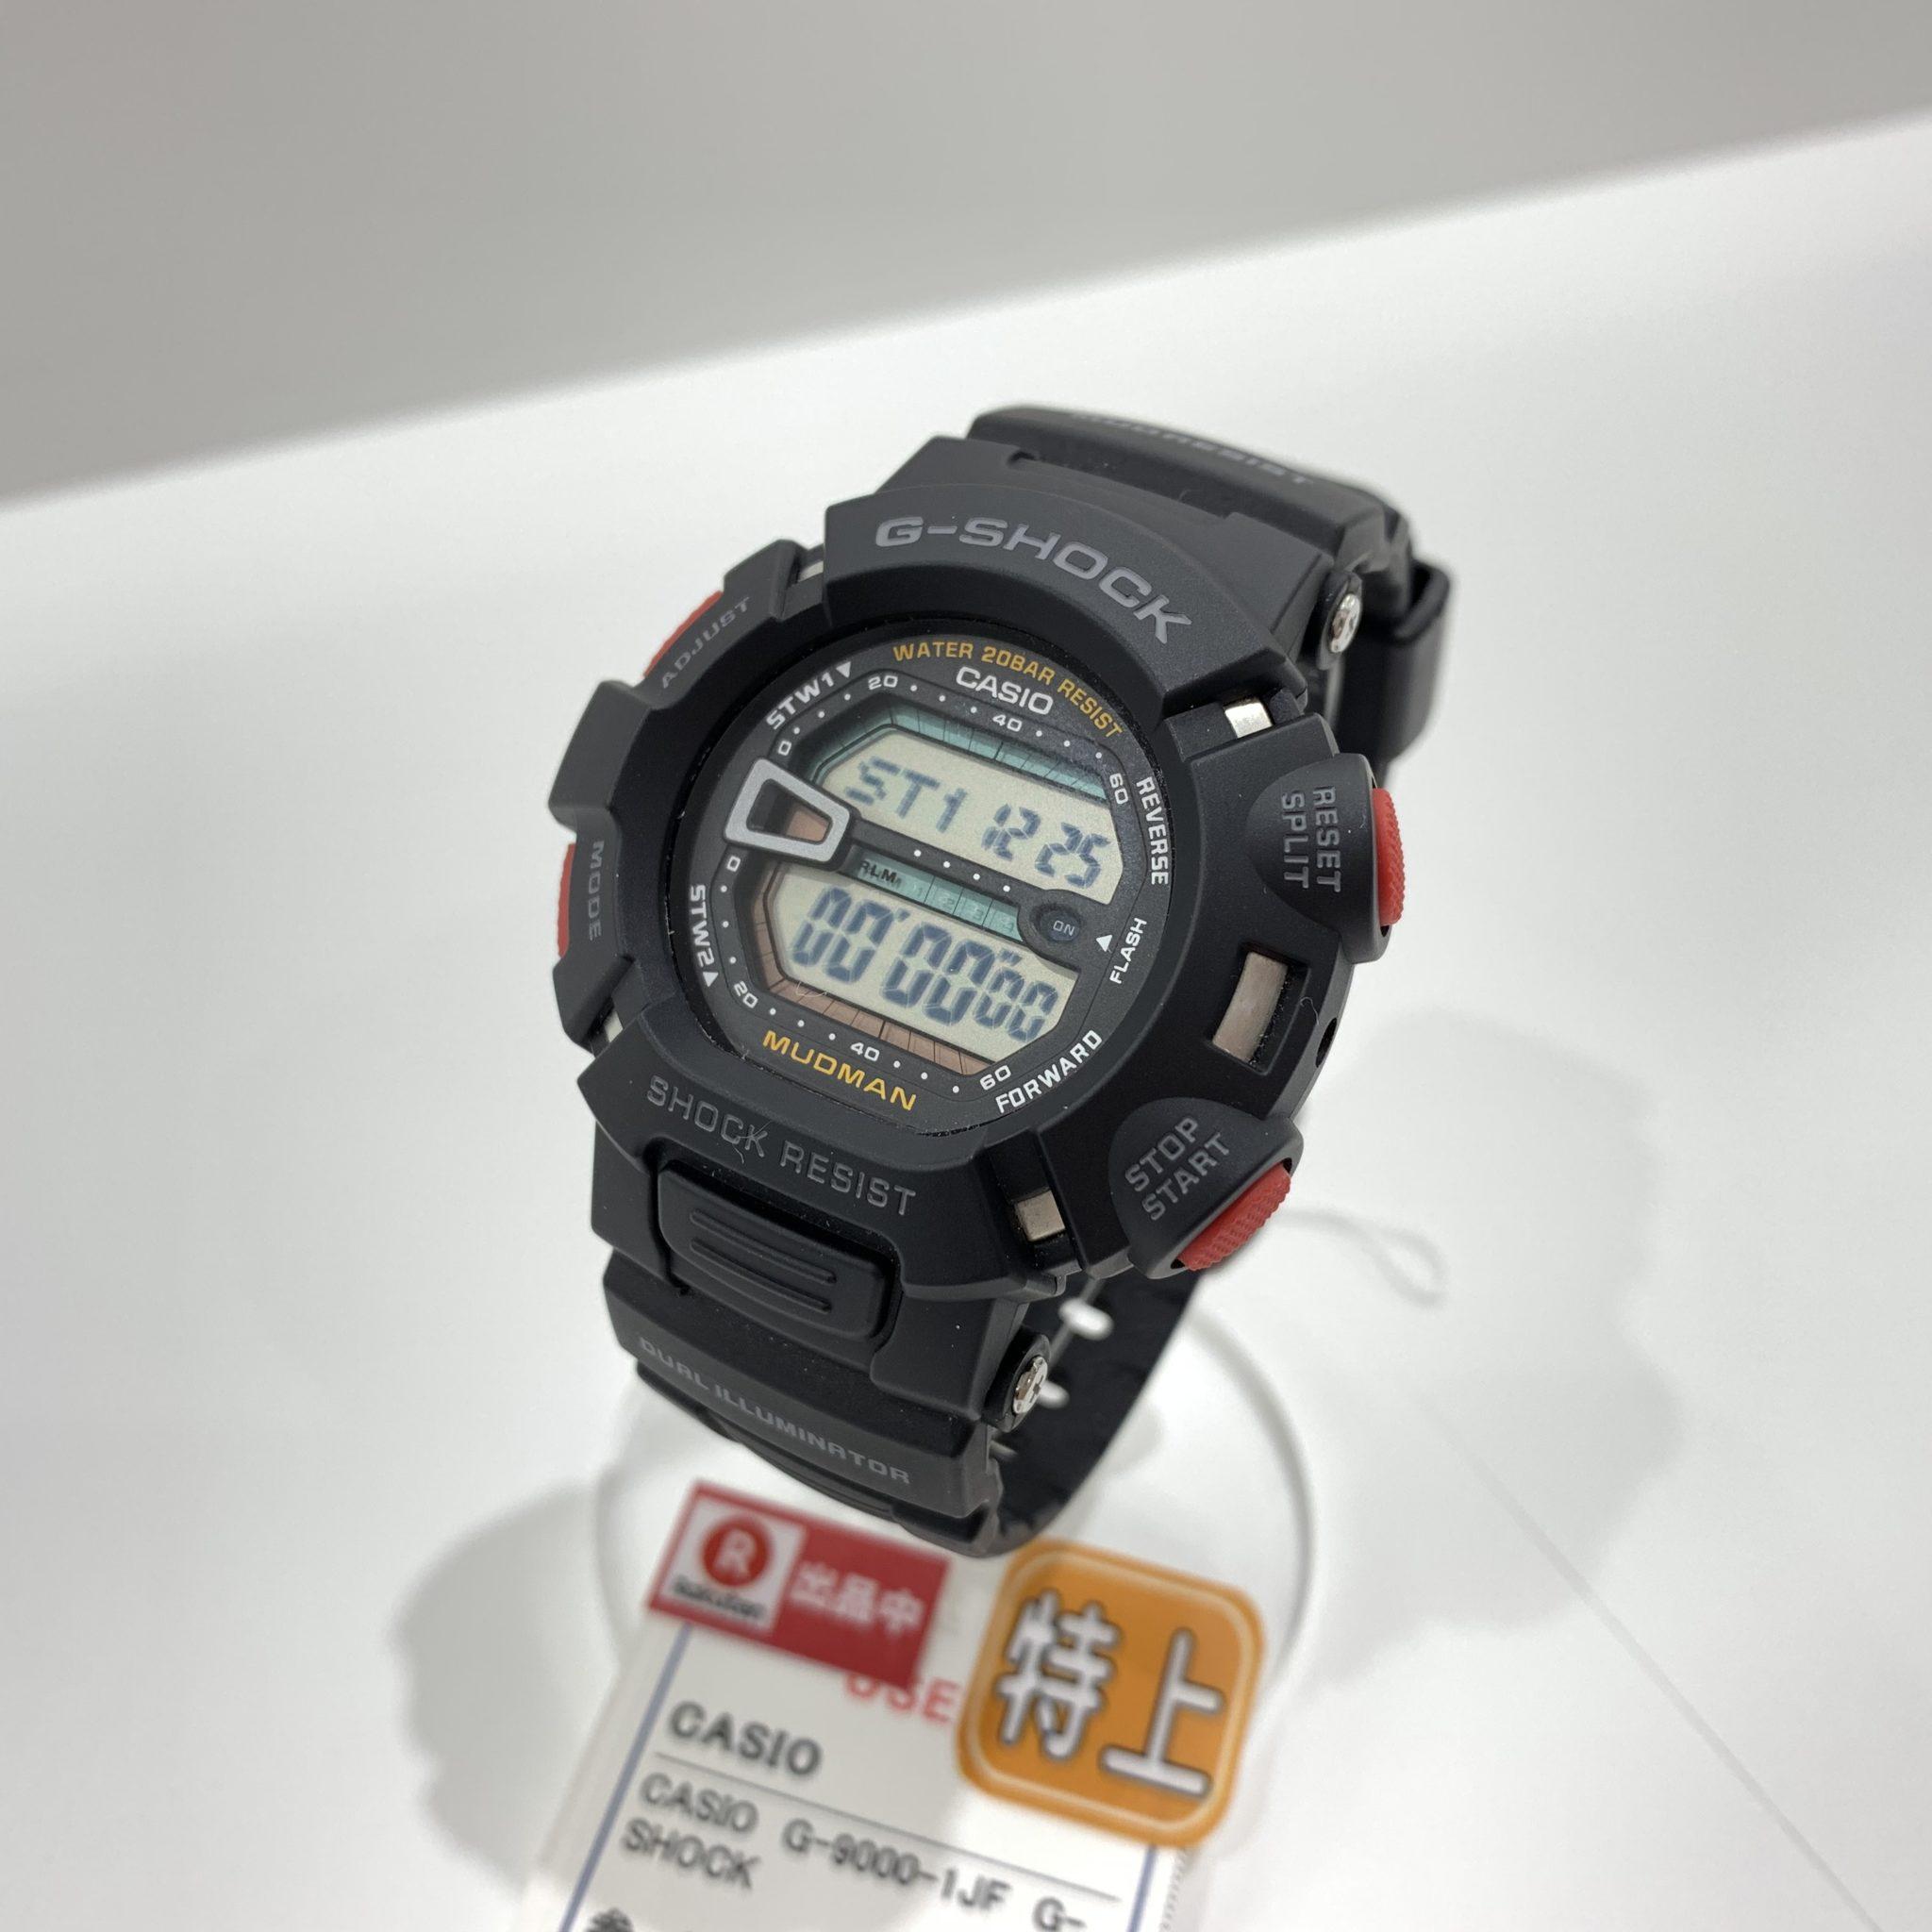 【盛岡 Gショック 販売】G-SHOCK MUDMAN G-9000-1JF ジーショック マッドマン